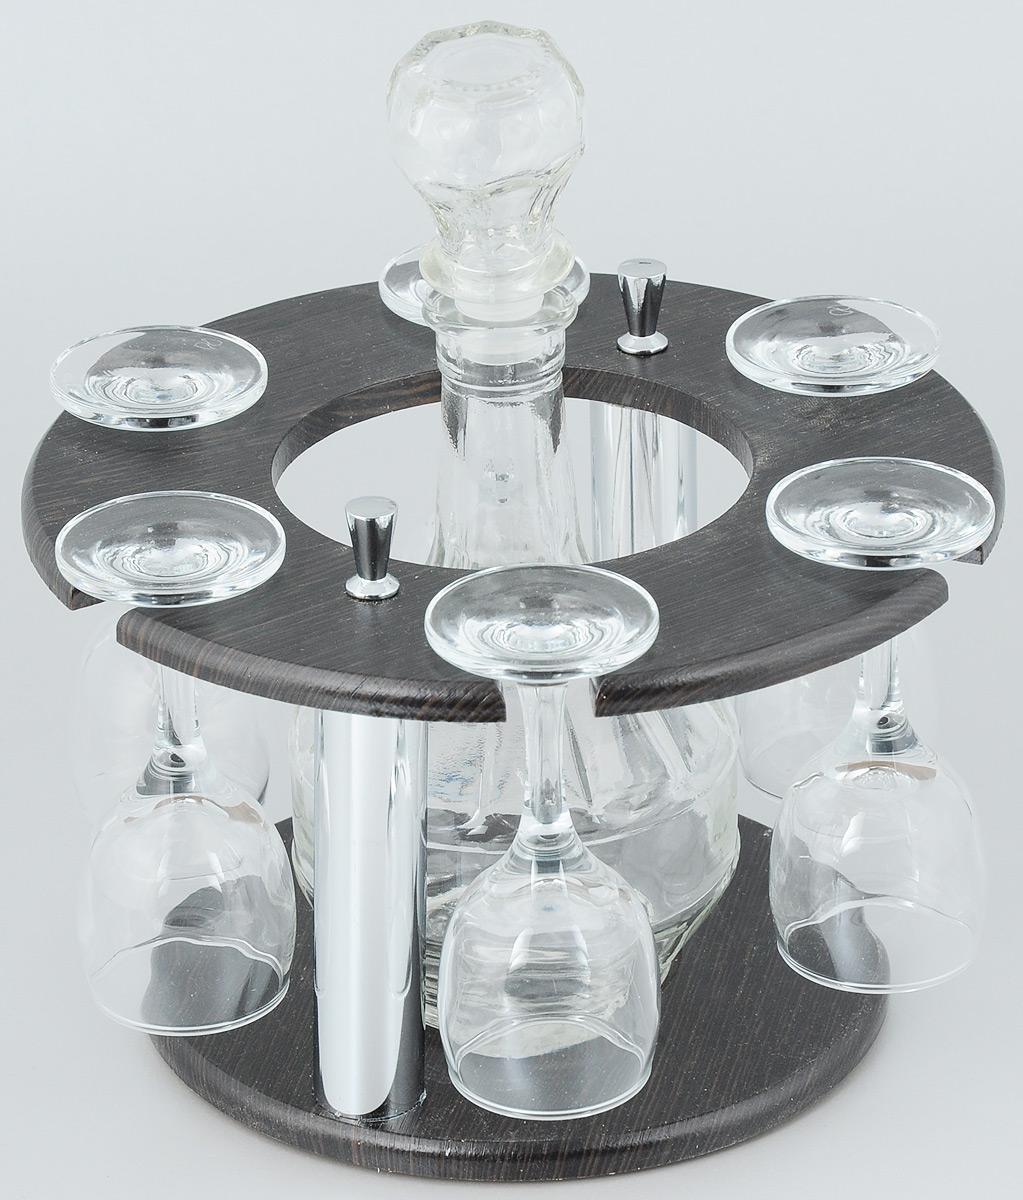 Набор рюмок Мусатов Кольцо, с графином, 8 предметов05-110Набор Мусатов Кольцо состоит из 6 рюмок, графина и деревянной подставки. Рюмки и графин изготовлены из высококачественного натрий-кальций-силикатного стекла. Такой набор прекрасно дополнит праздничный стол и станет желанным подарком в любом доме. Рюмки и графин разрешается мыть в посудомоечной машине. Диаметр рюмки: 4,3 см. Высота рюмки: 11 см.Диаметр основания: 5 см.Диаметр графина (по верхнему краю): 2 см.Высота графина: 17 см. Диаметр подставки: 22 см. Высота подставки: 13 см.Объем графина: 500 мл.Объем рюмки: 134 мл.